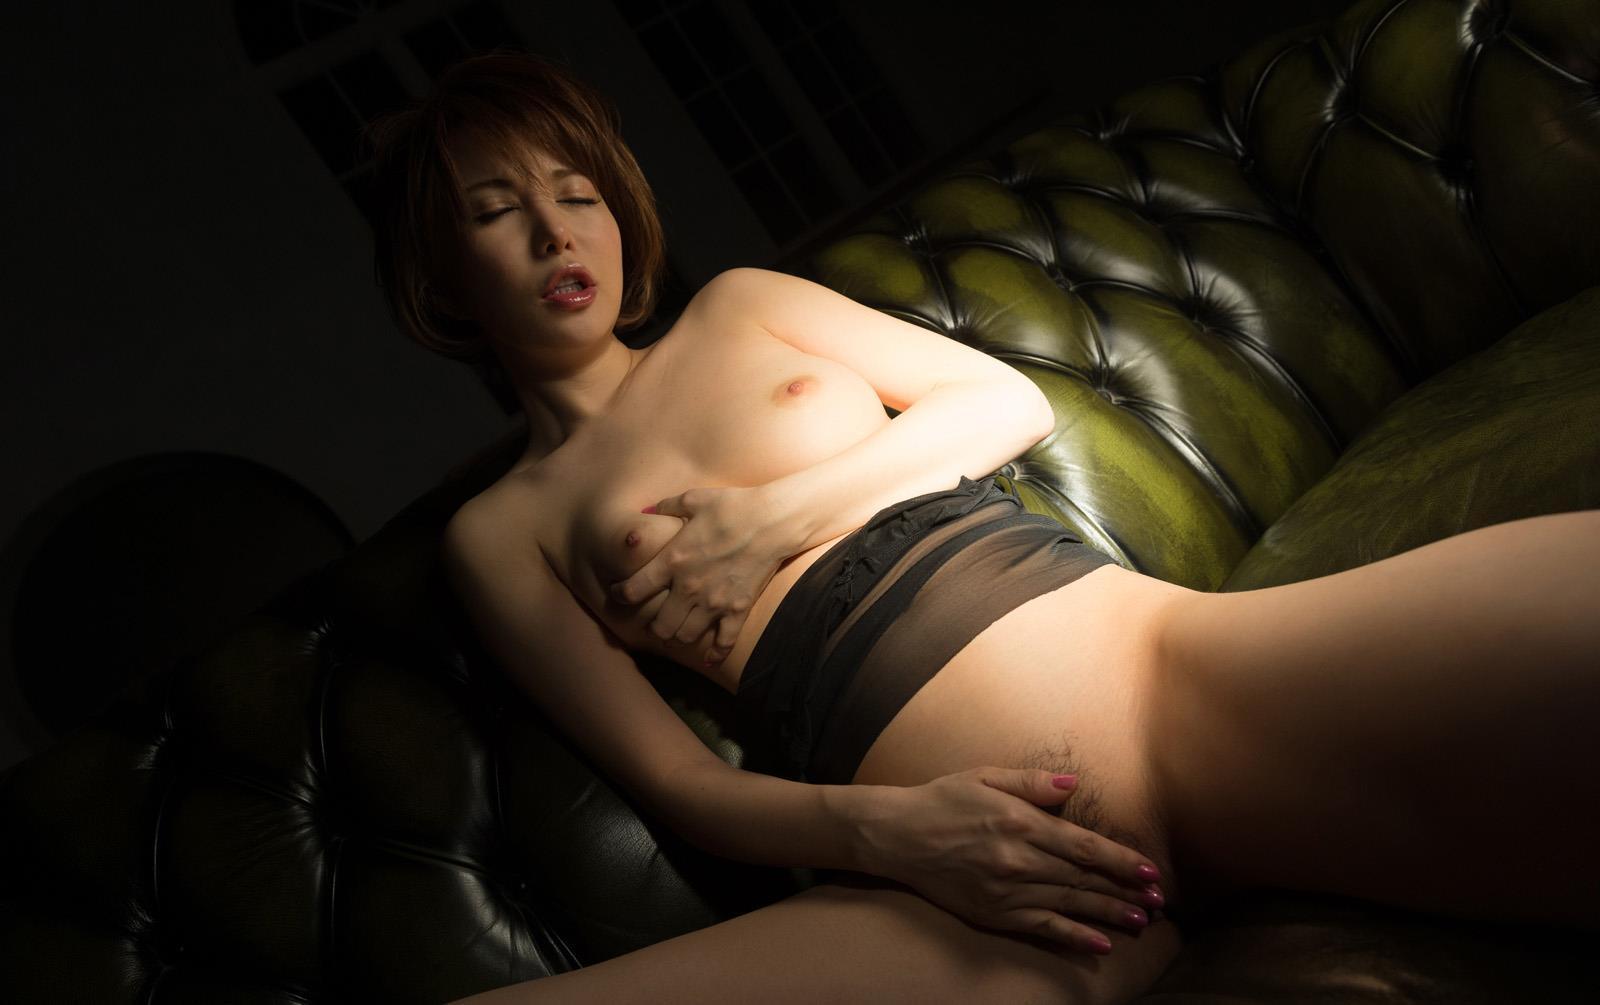 里美ゆりあ(小泉彩) ヌード画像 122